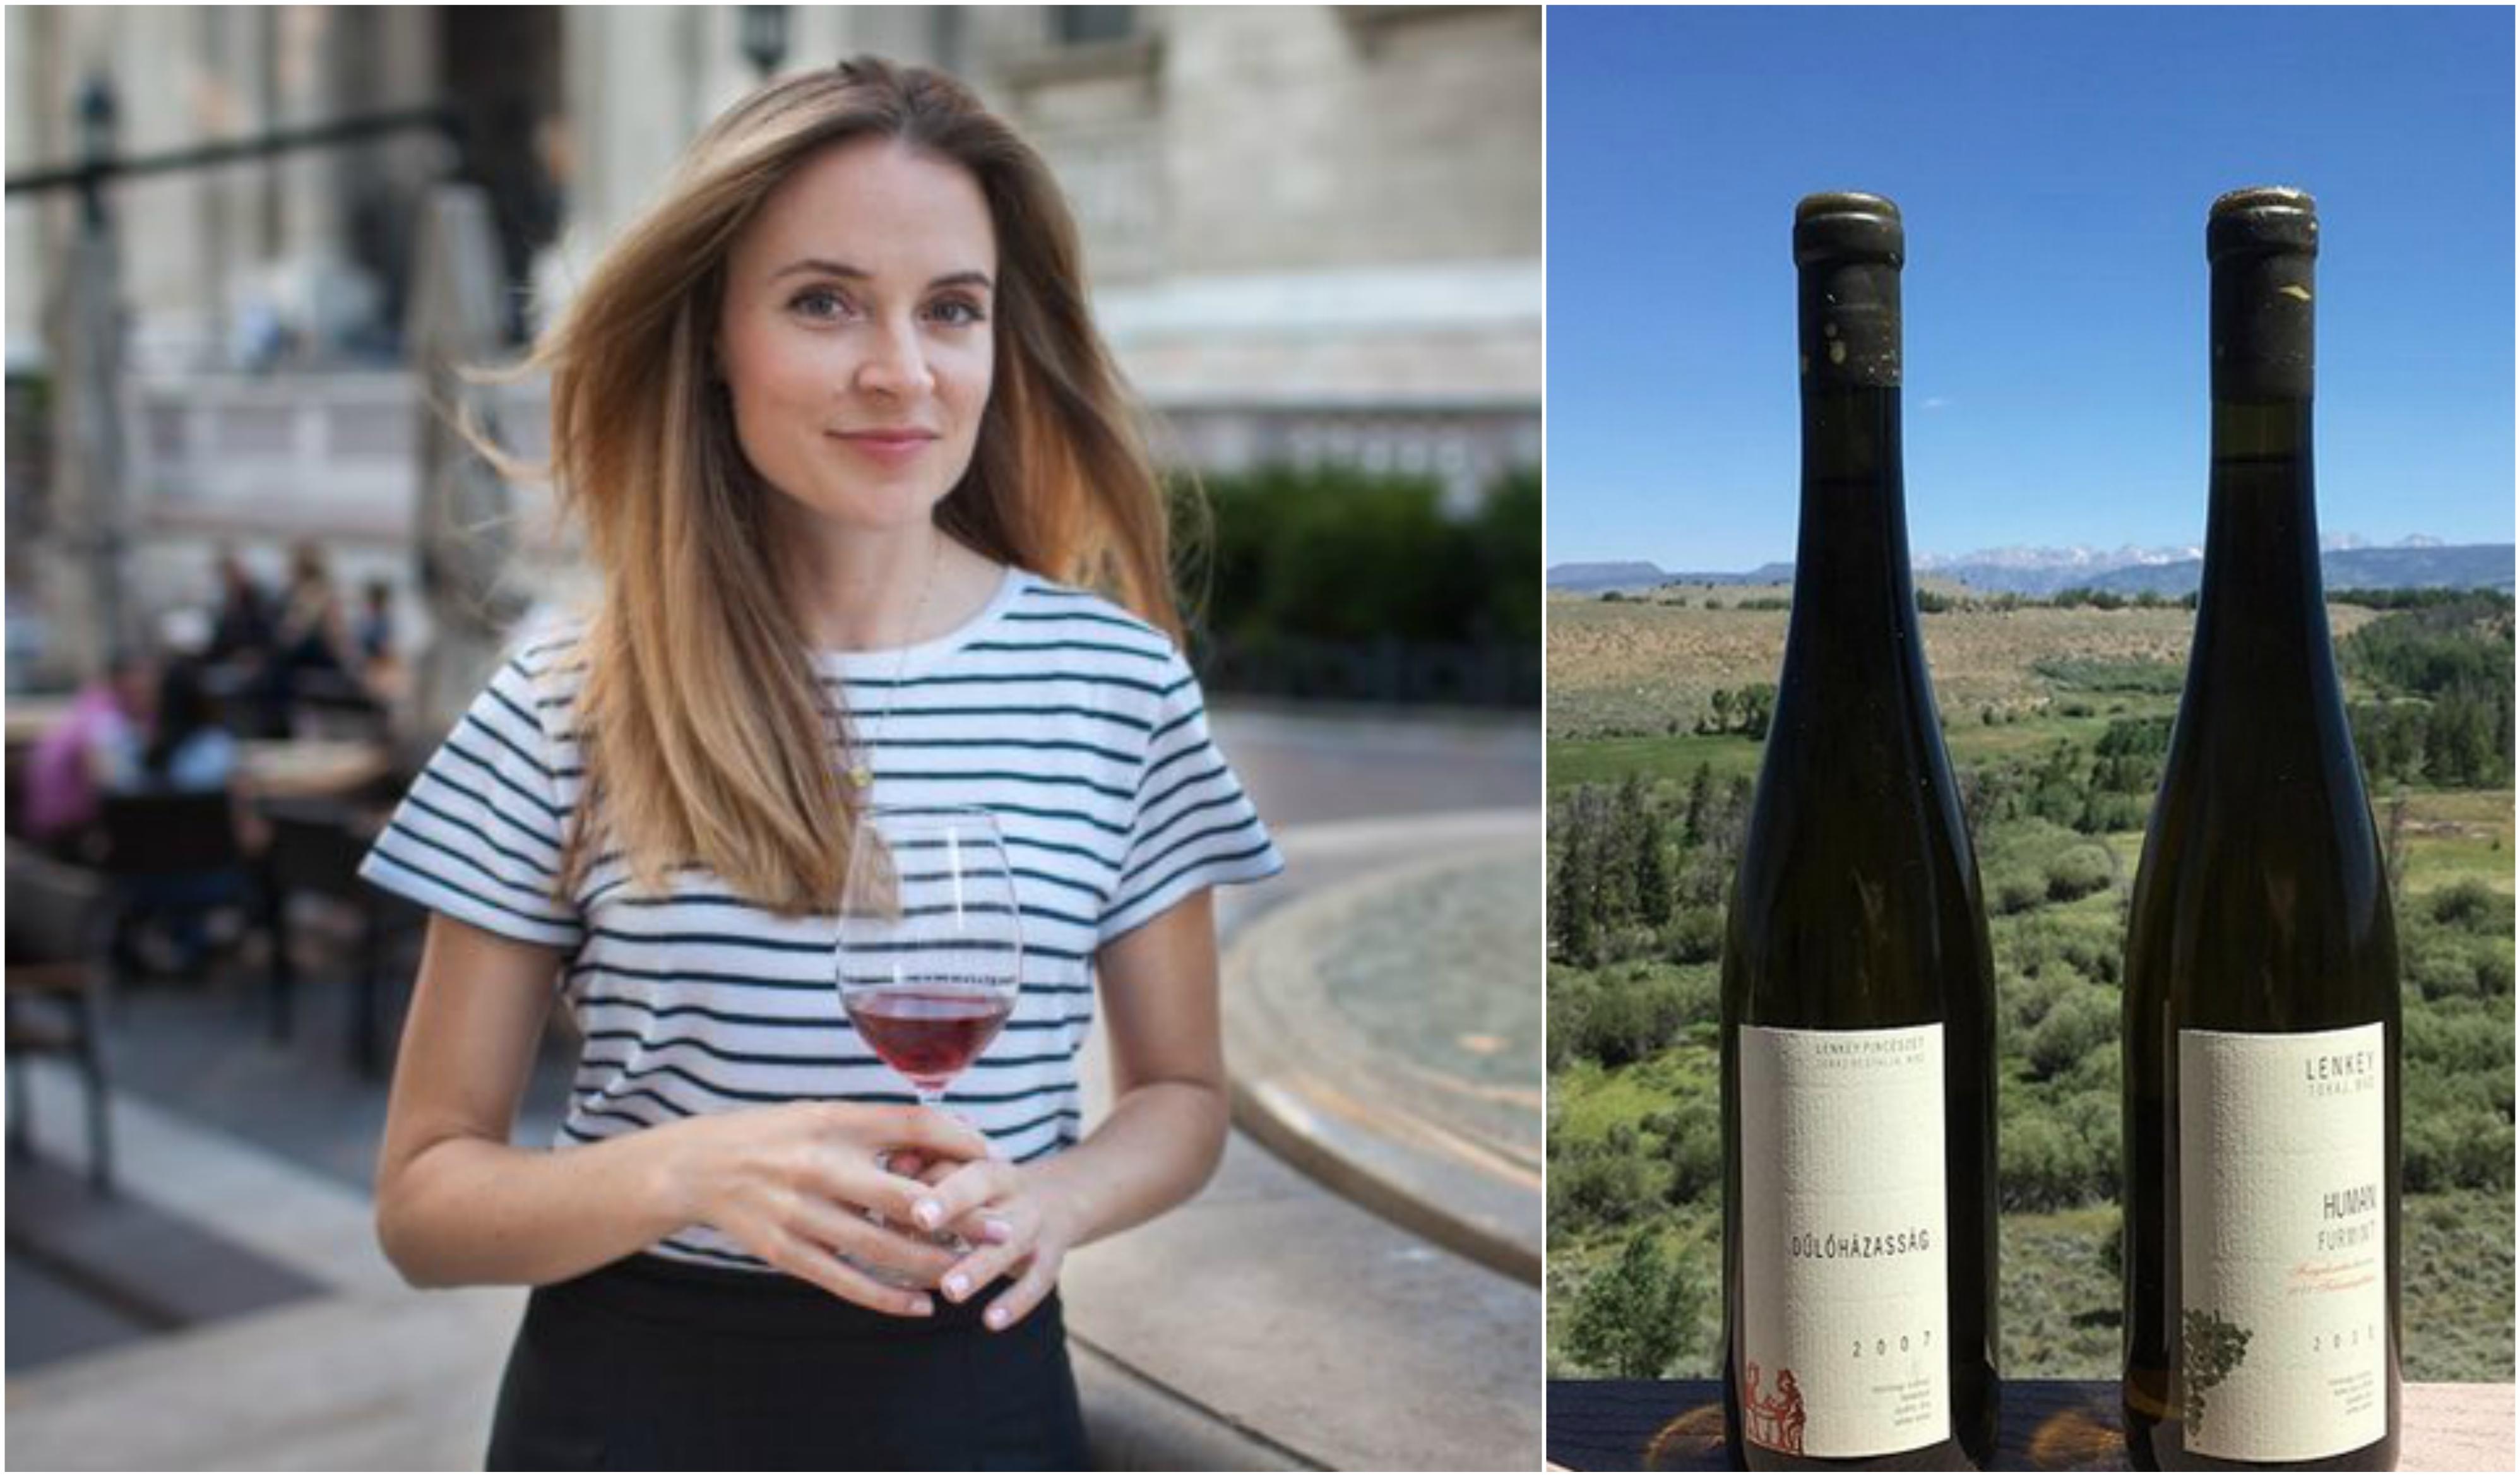 Az amerikai jogászlány, aki szerelmes lett a magyar borokba – Athena Bochanis és a Palinkerie